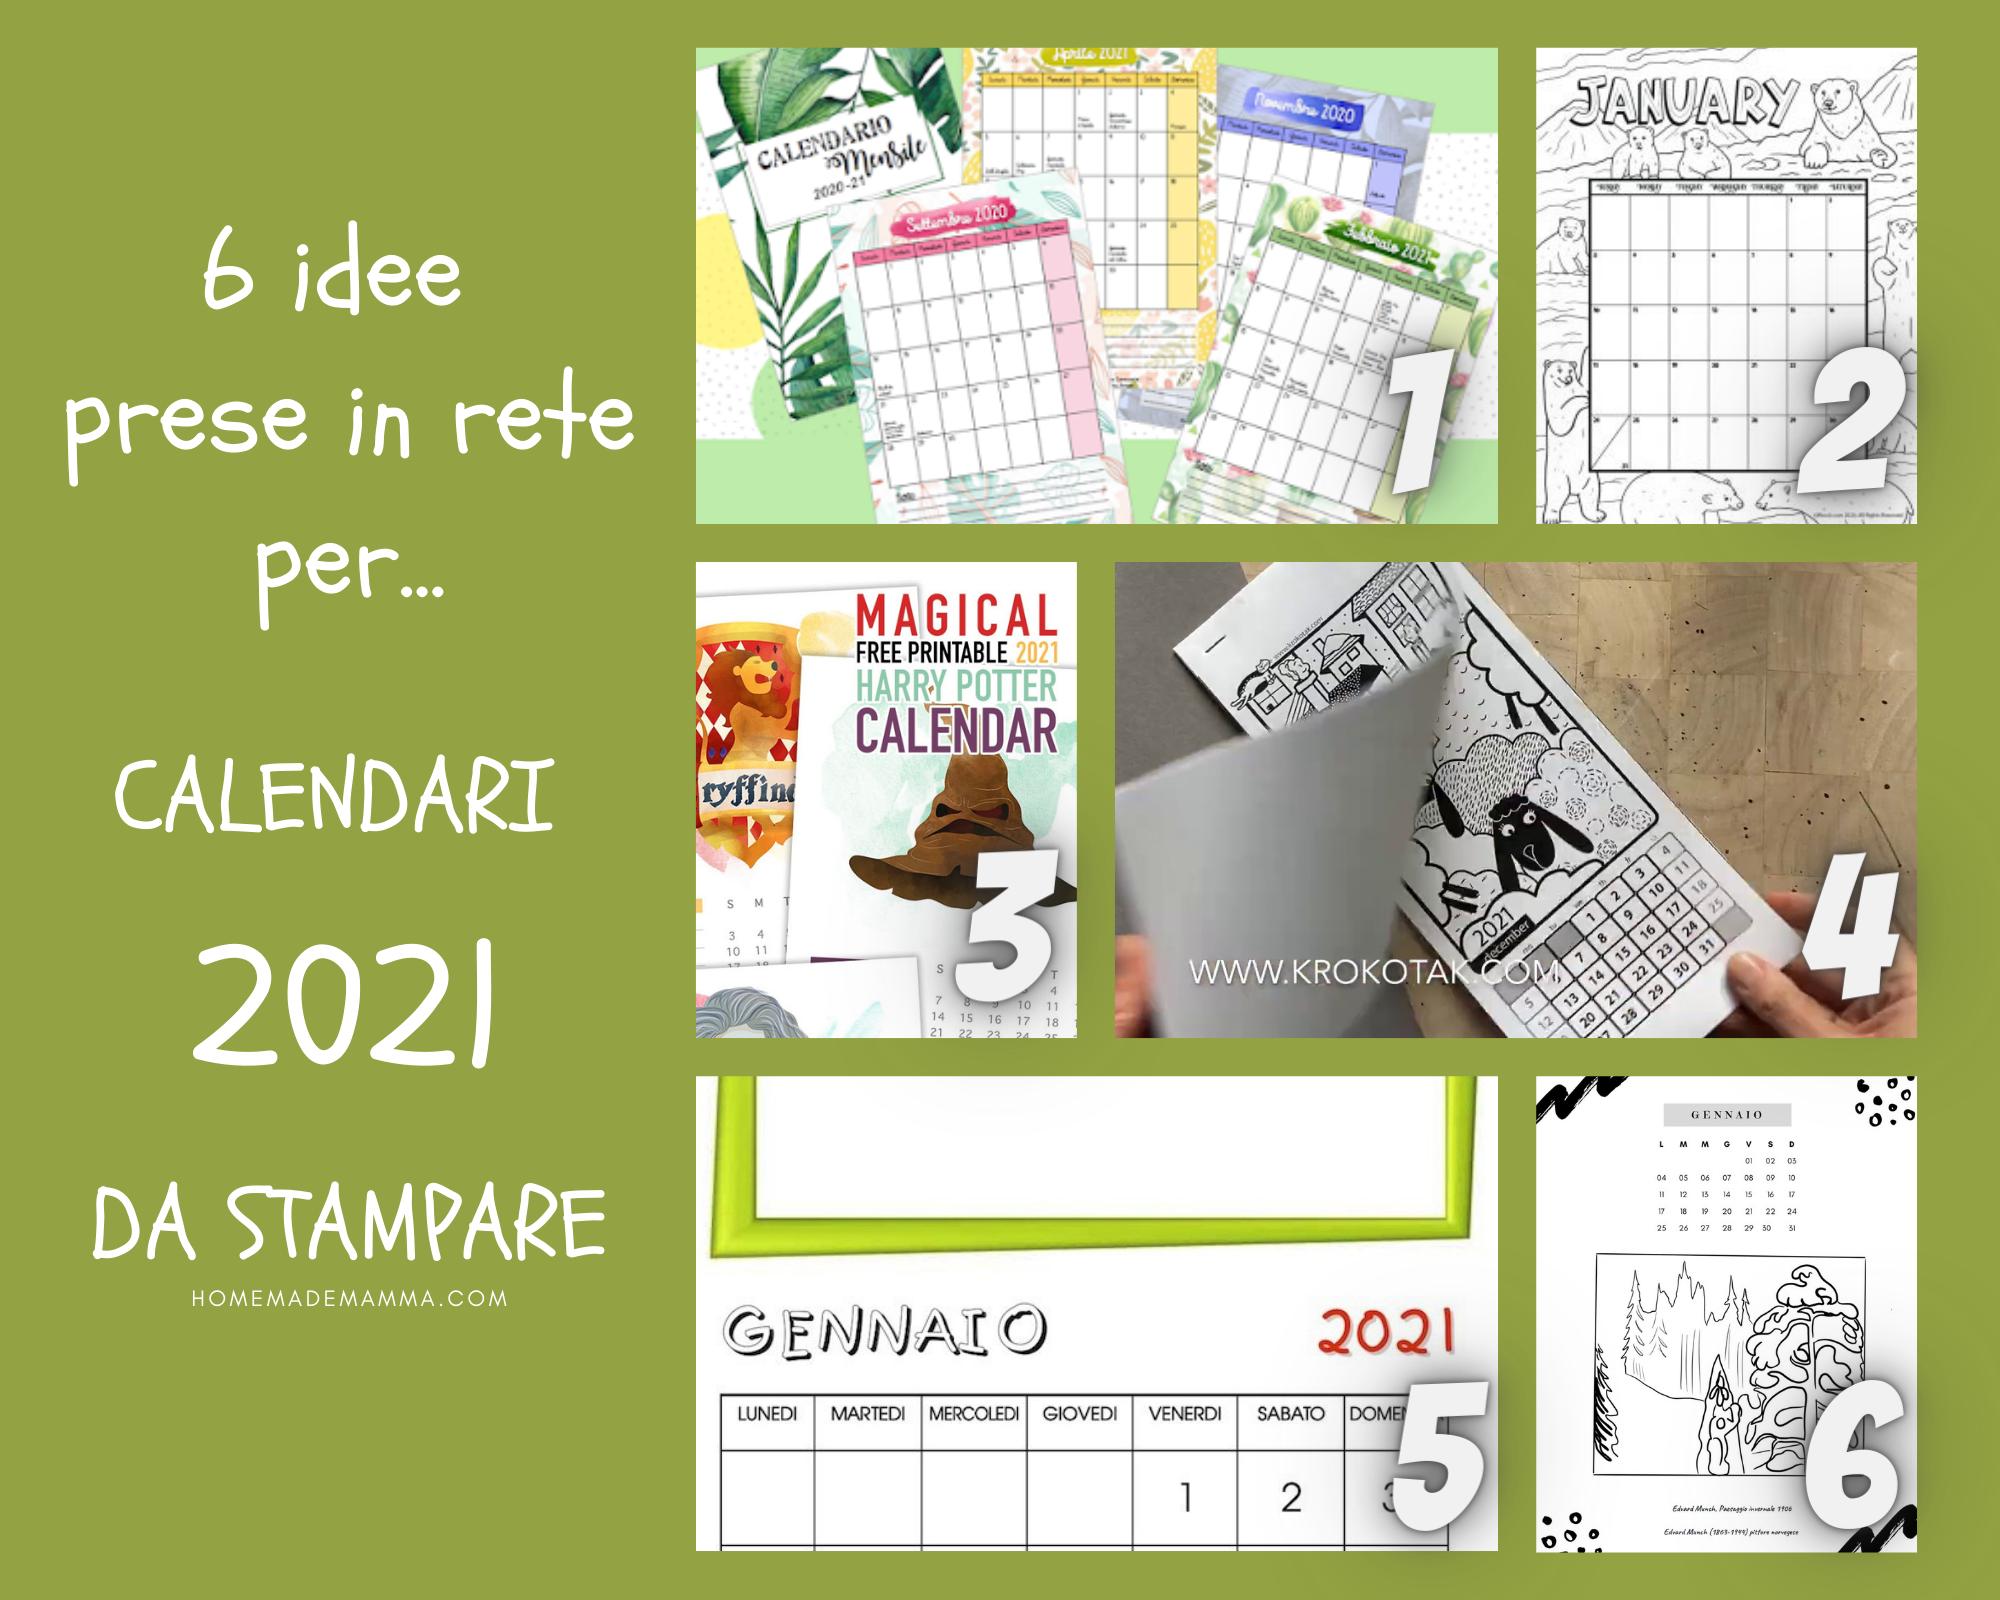 CALENDARI 2021 da stampare bambini